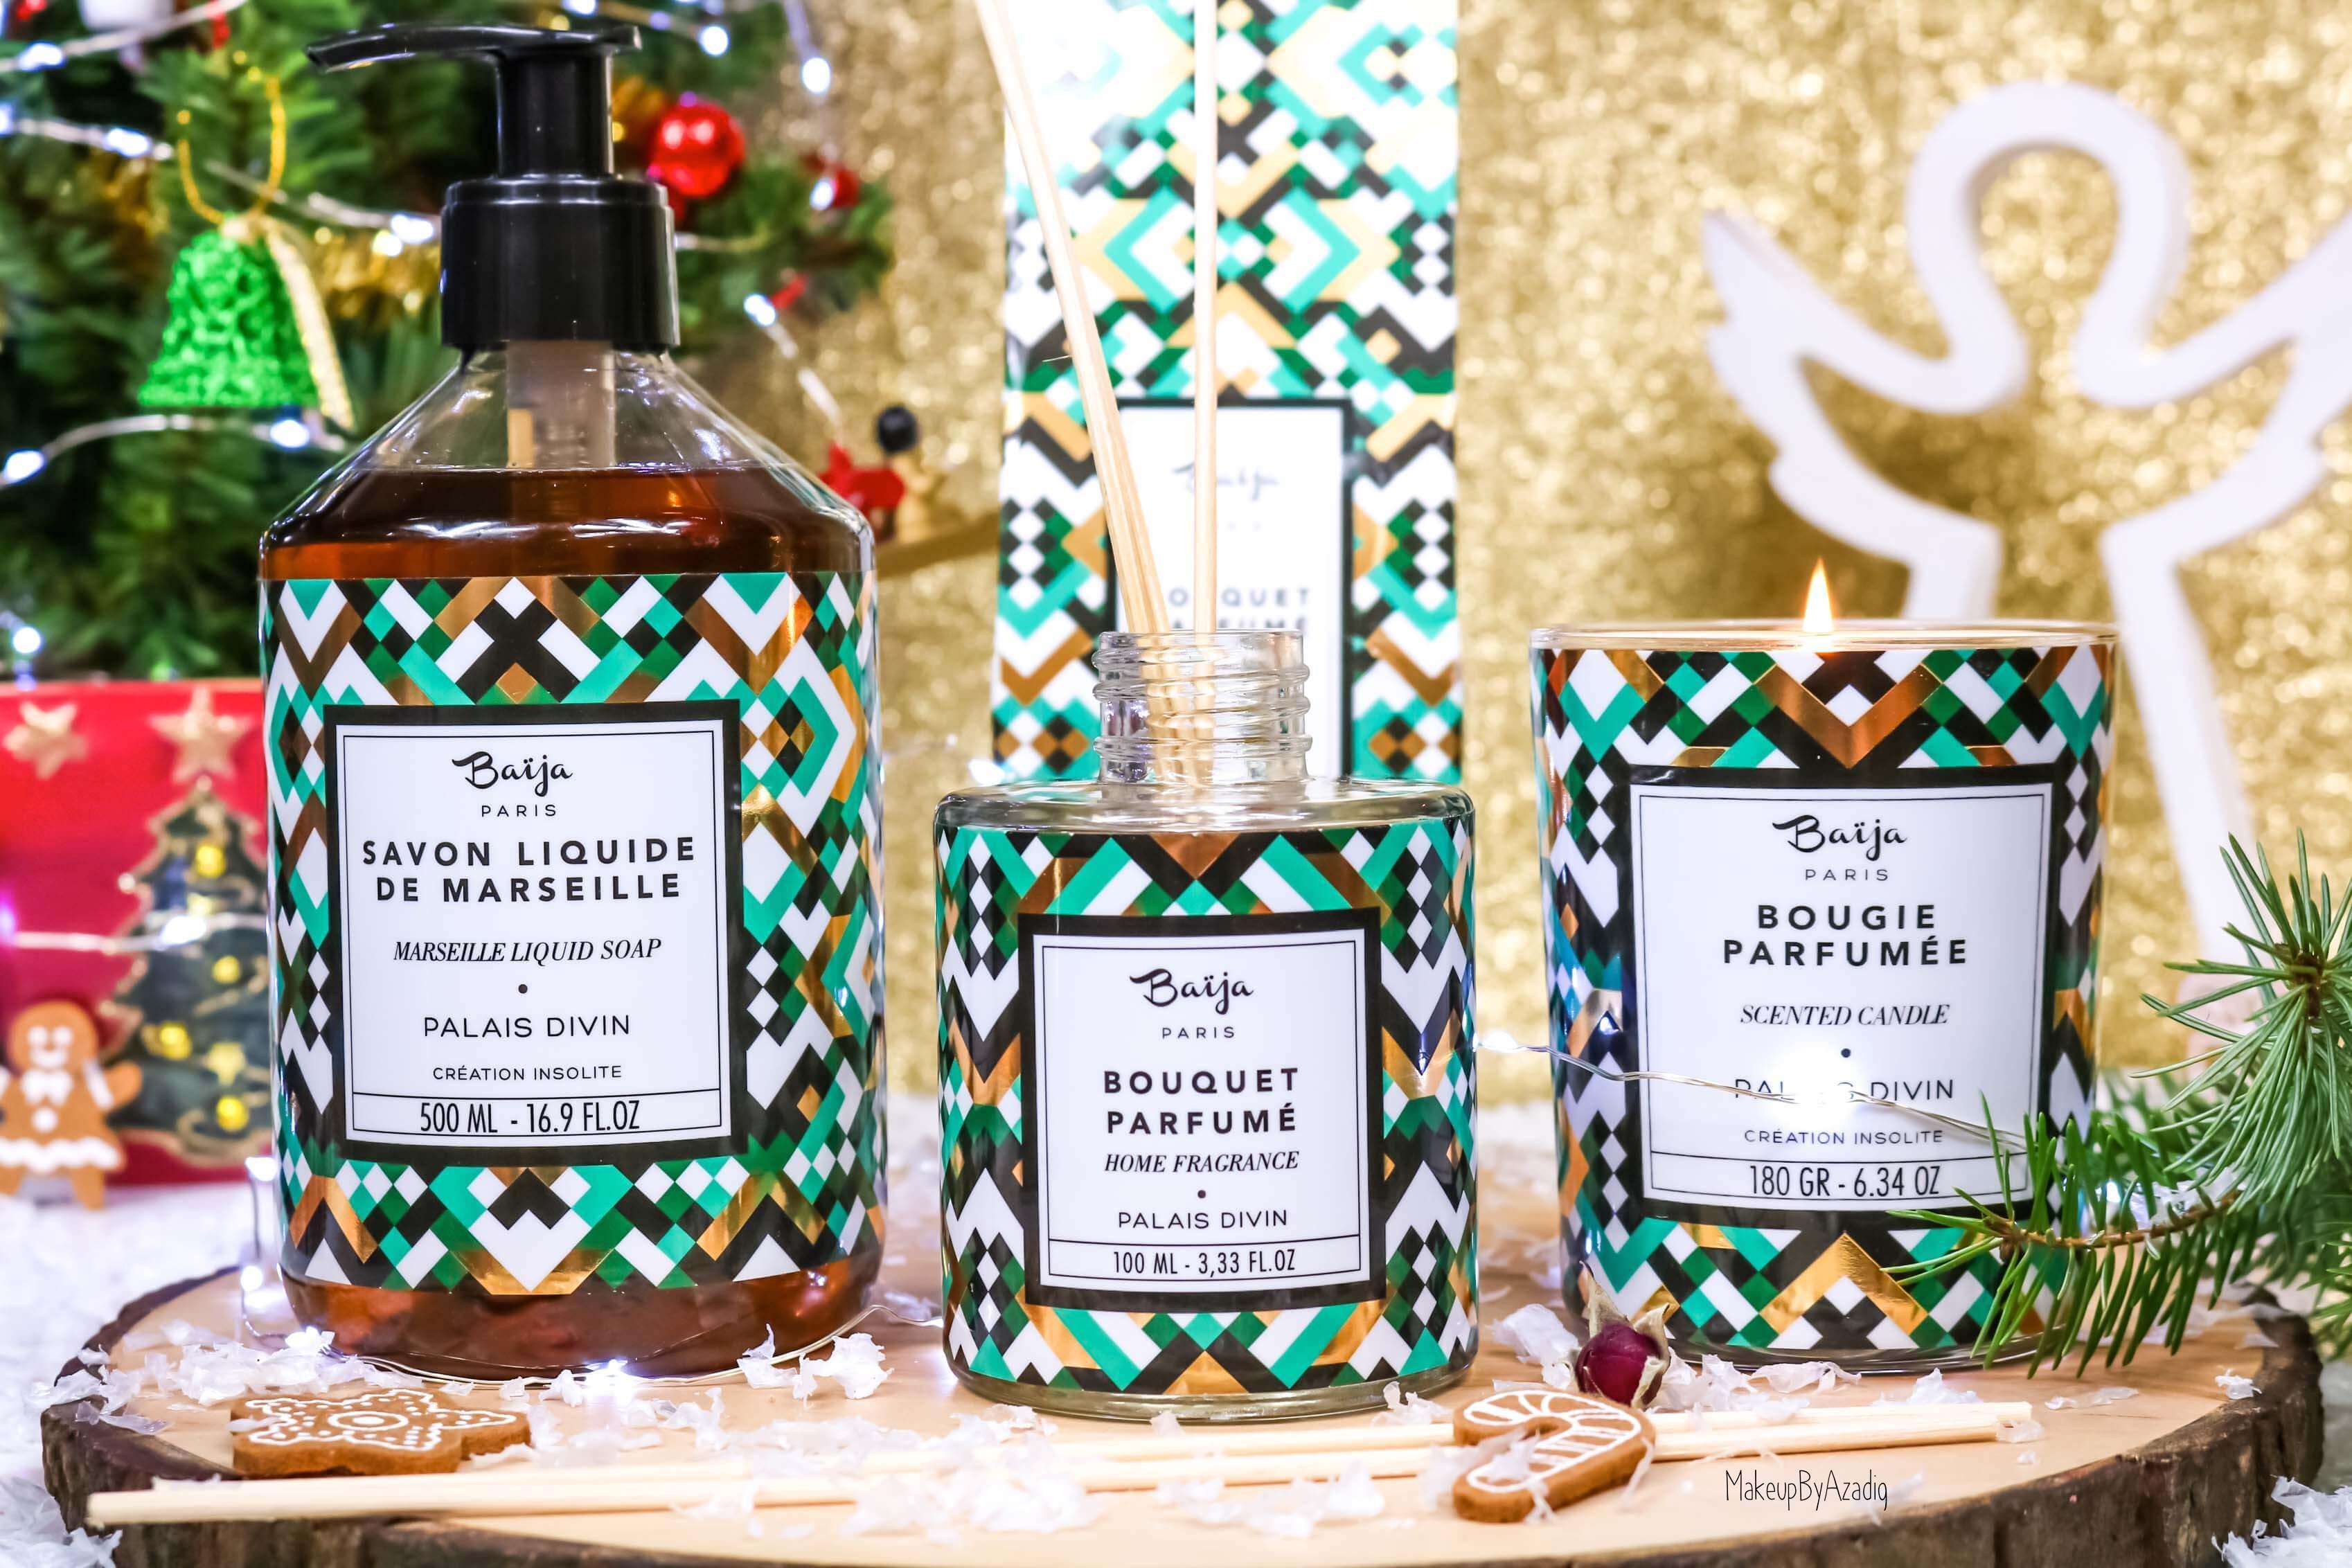 nouveaute-parfum-interieur-maison-baija-palais-divin-ambre-vanille-bougie-savon-marseille-bouquet-avis-prix-makeupbyazadig-collector